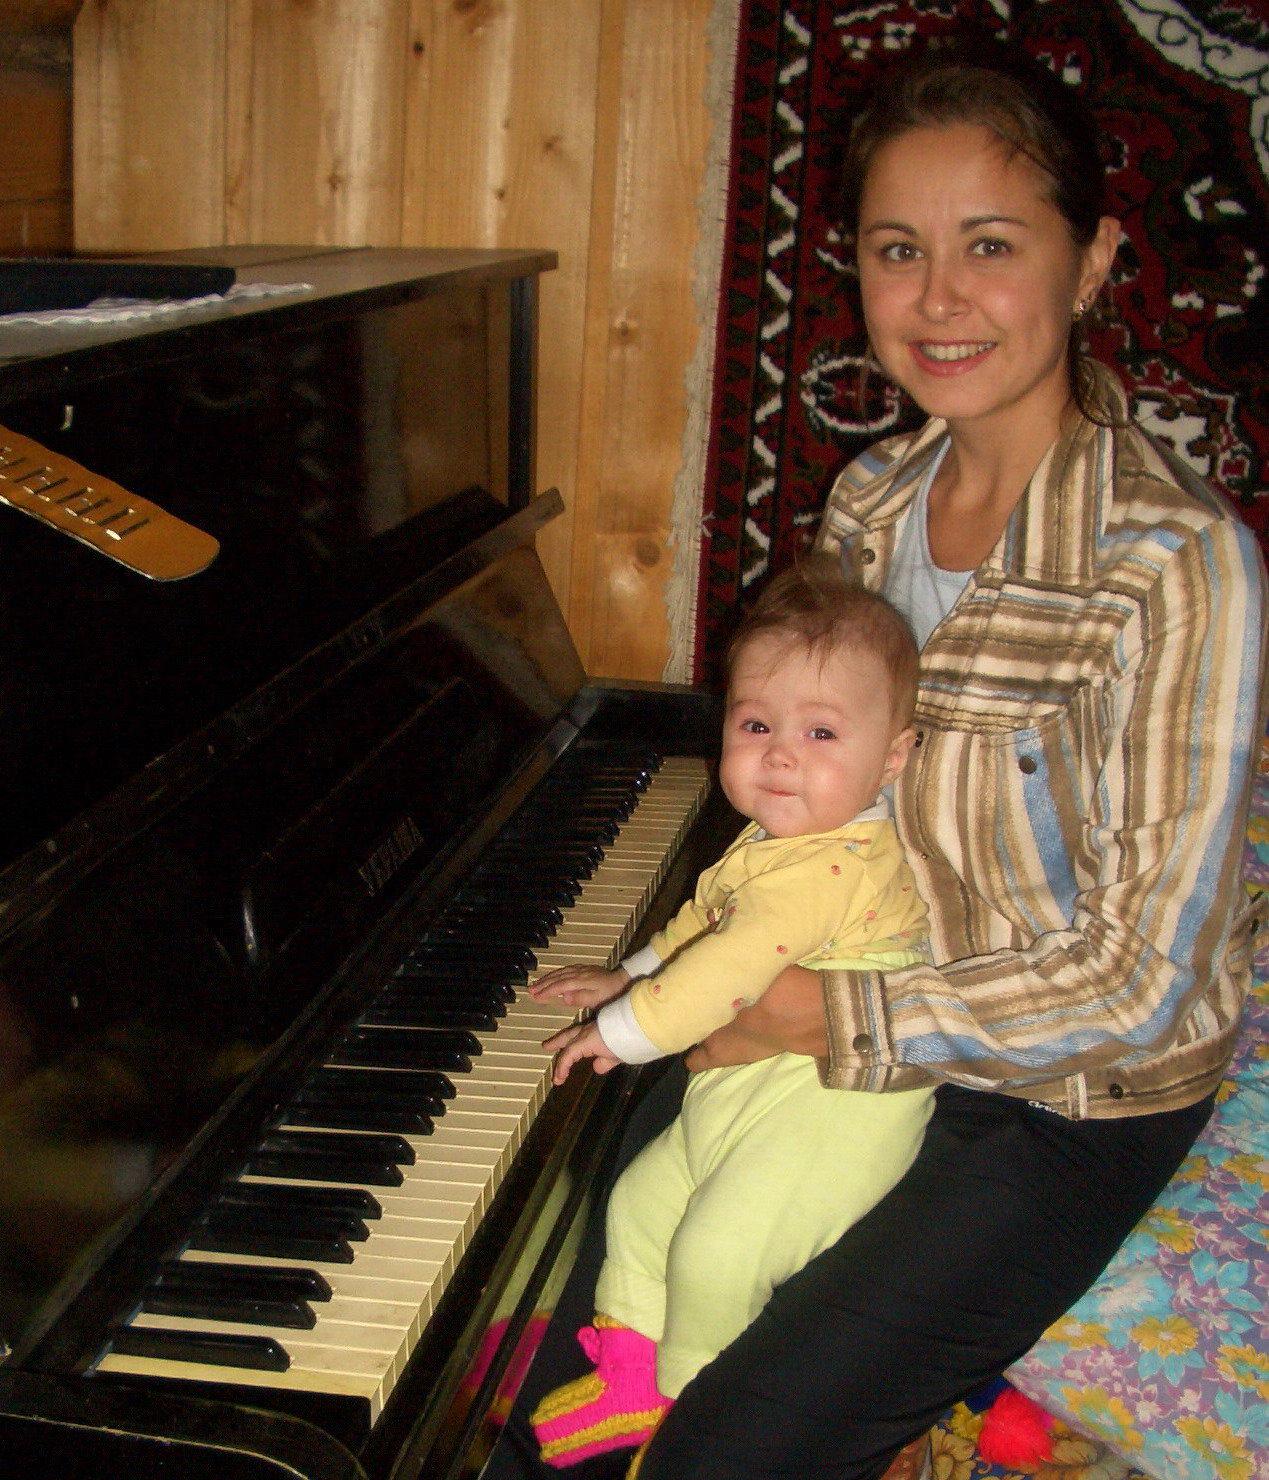 Клавиша белая, клавиша черная. Только мала я пока, чтоб играть. Вот подрасту и буду свободно я Арии Моцарта вам напевать!. Дети-музыканты